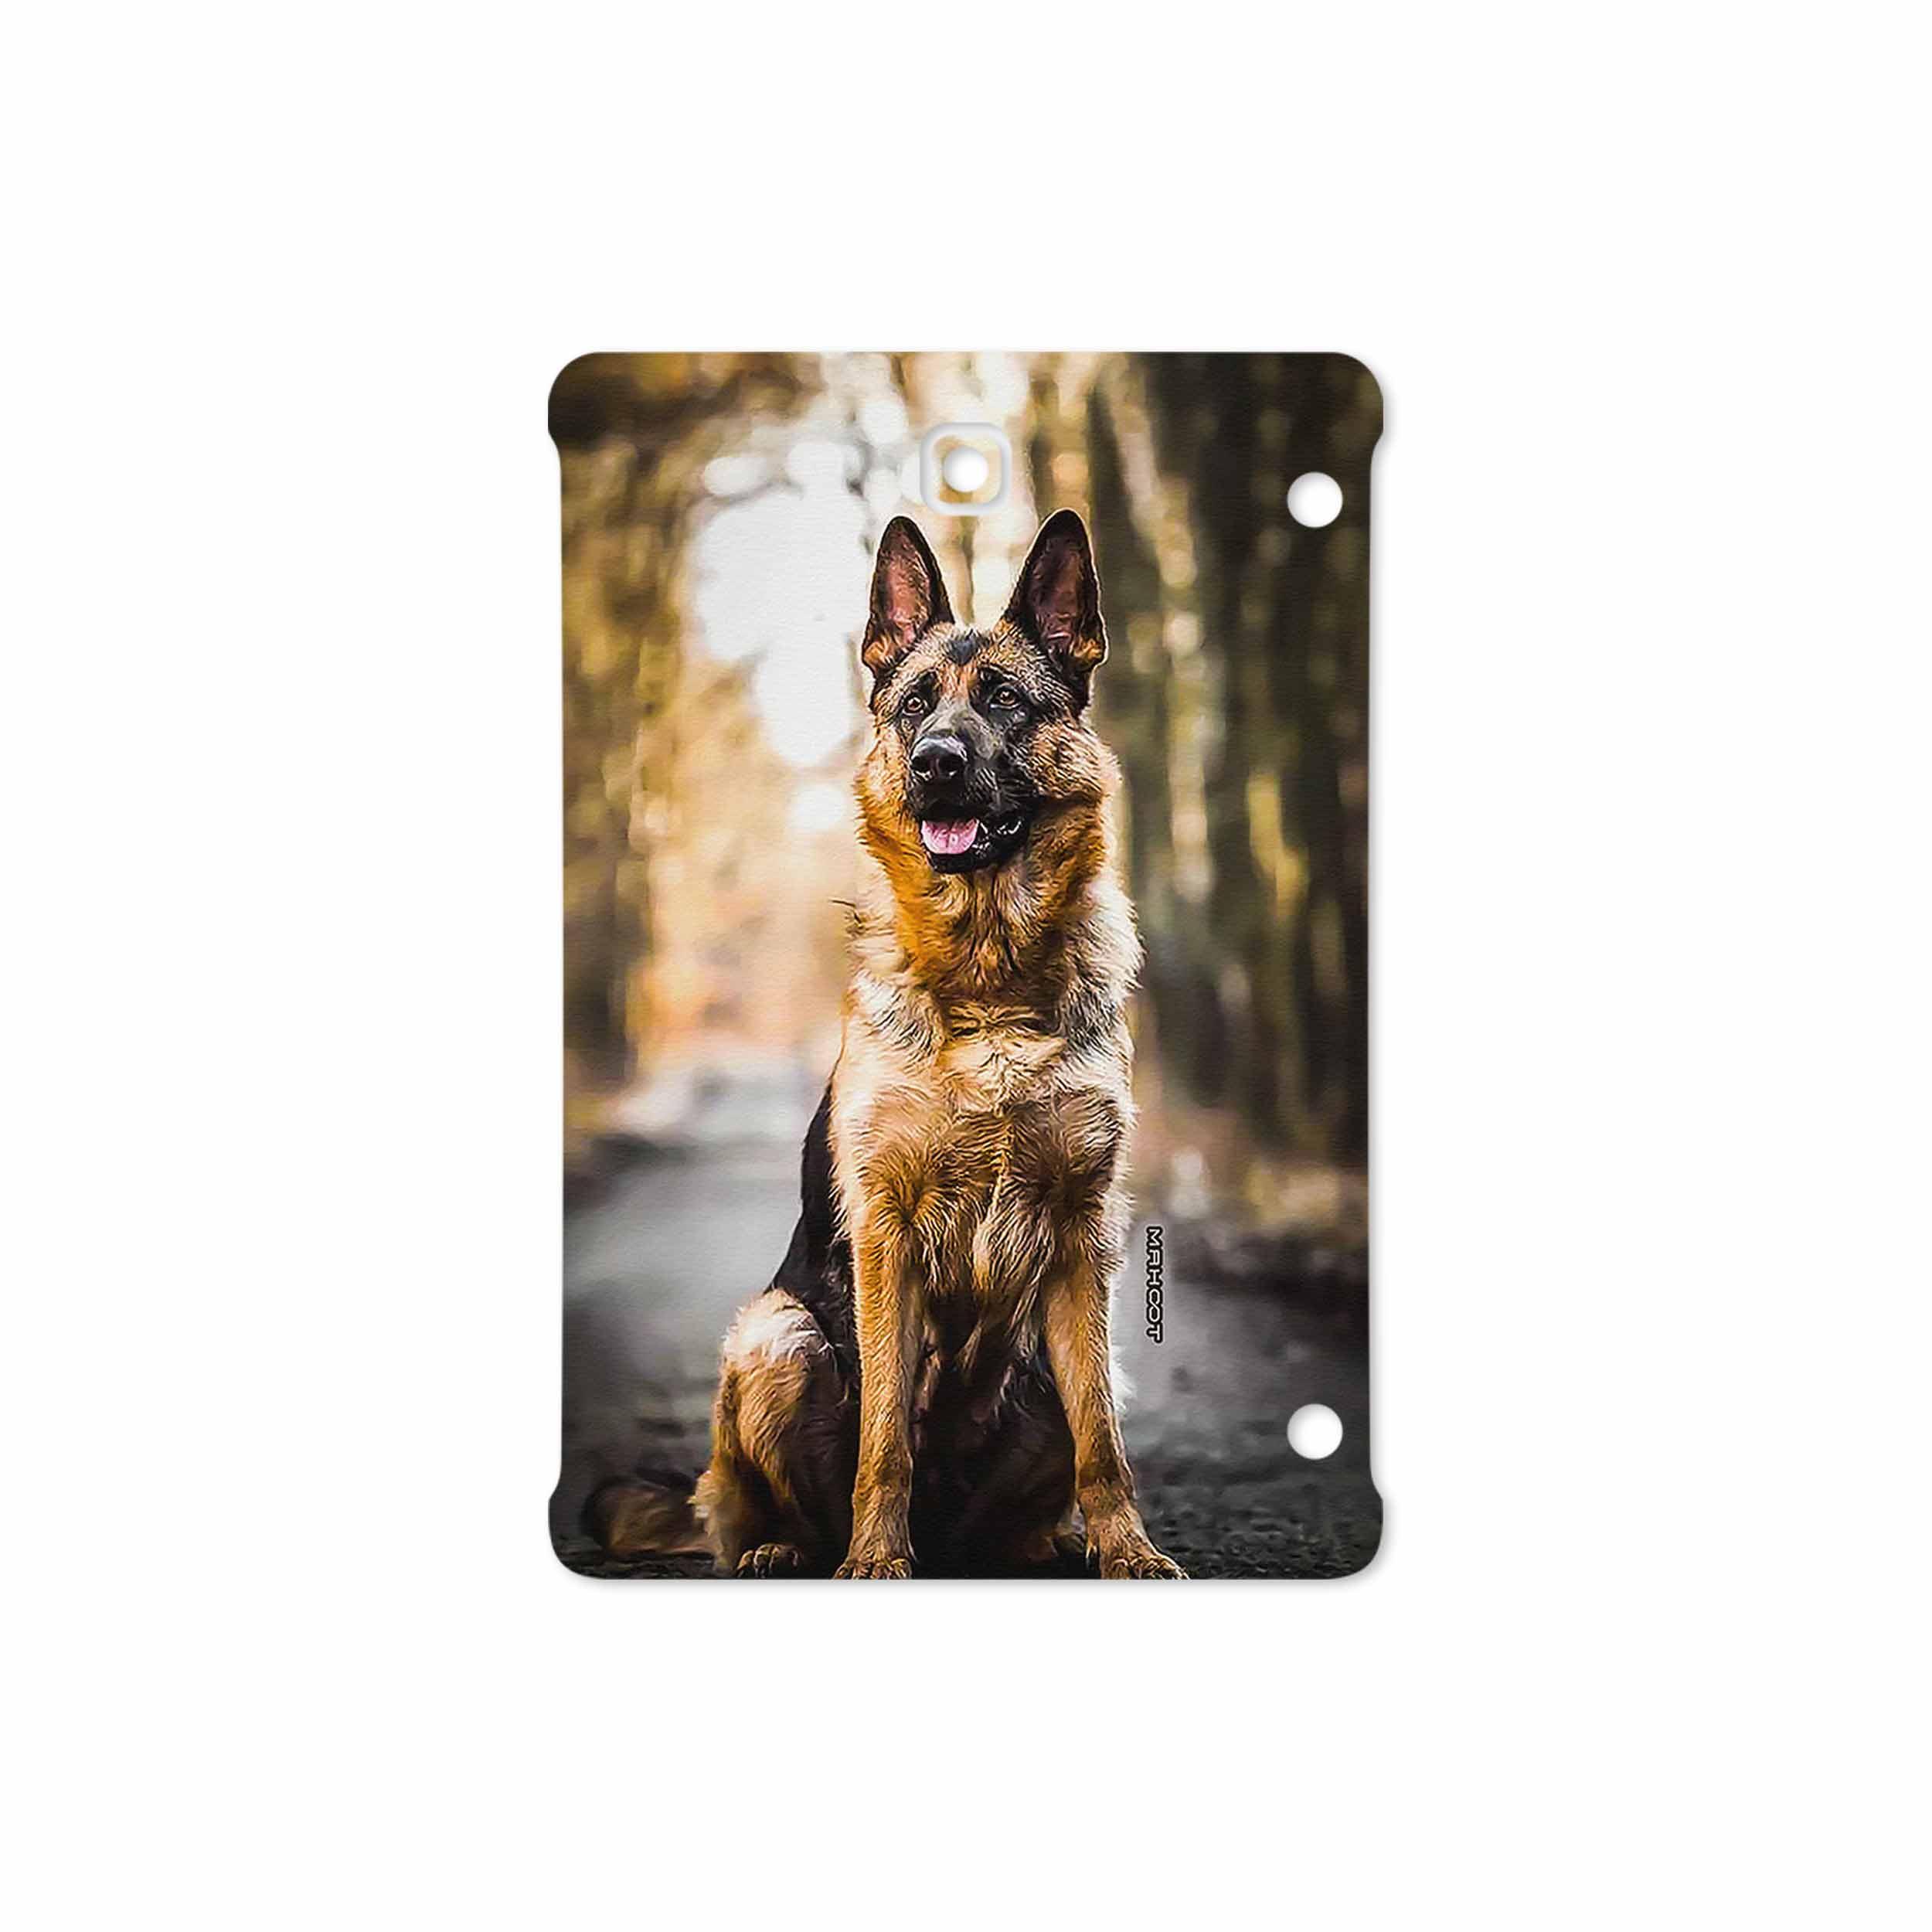 بررسی و خرید [با تخفیف]                                     برچسب پوششی ماهوت مدل Dog-1 مناسب برای تبلت سامسونگ Galaxy Tab S2 8.0 2016 T719N                             اورجینال